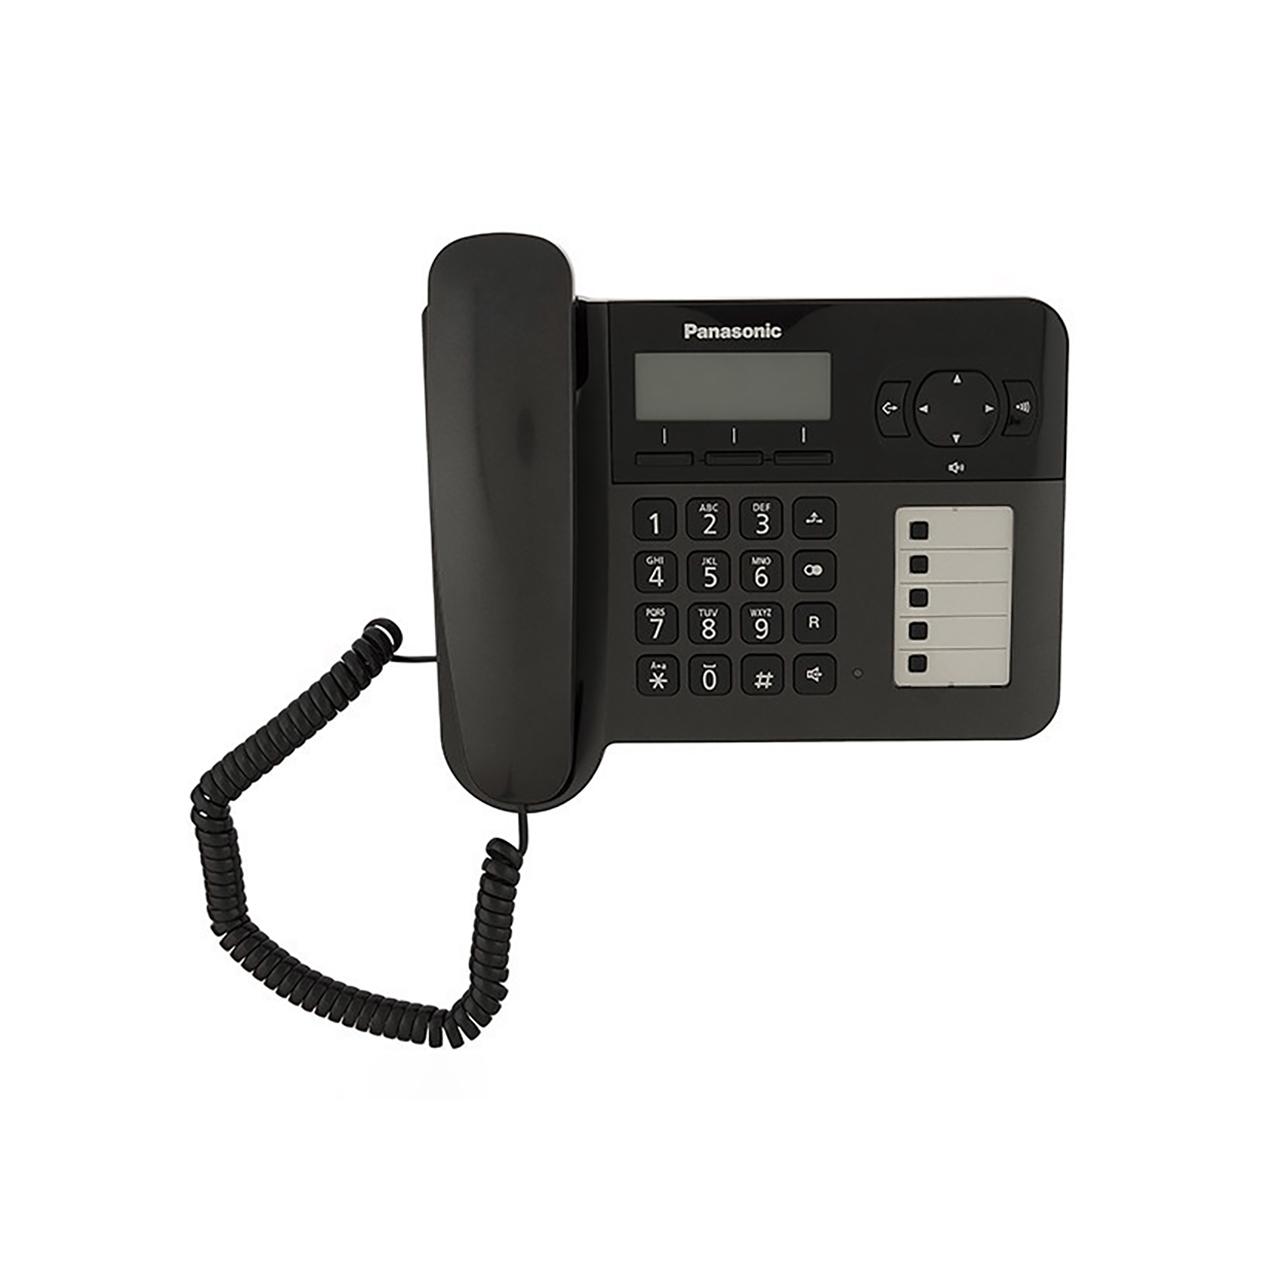 تلفن بیسیم پاناسونیک مدل Panasonic-KX-TG6458BXتلفن بیسیم پاناسونیک مدل Panasonic-KX-TG6458BX